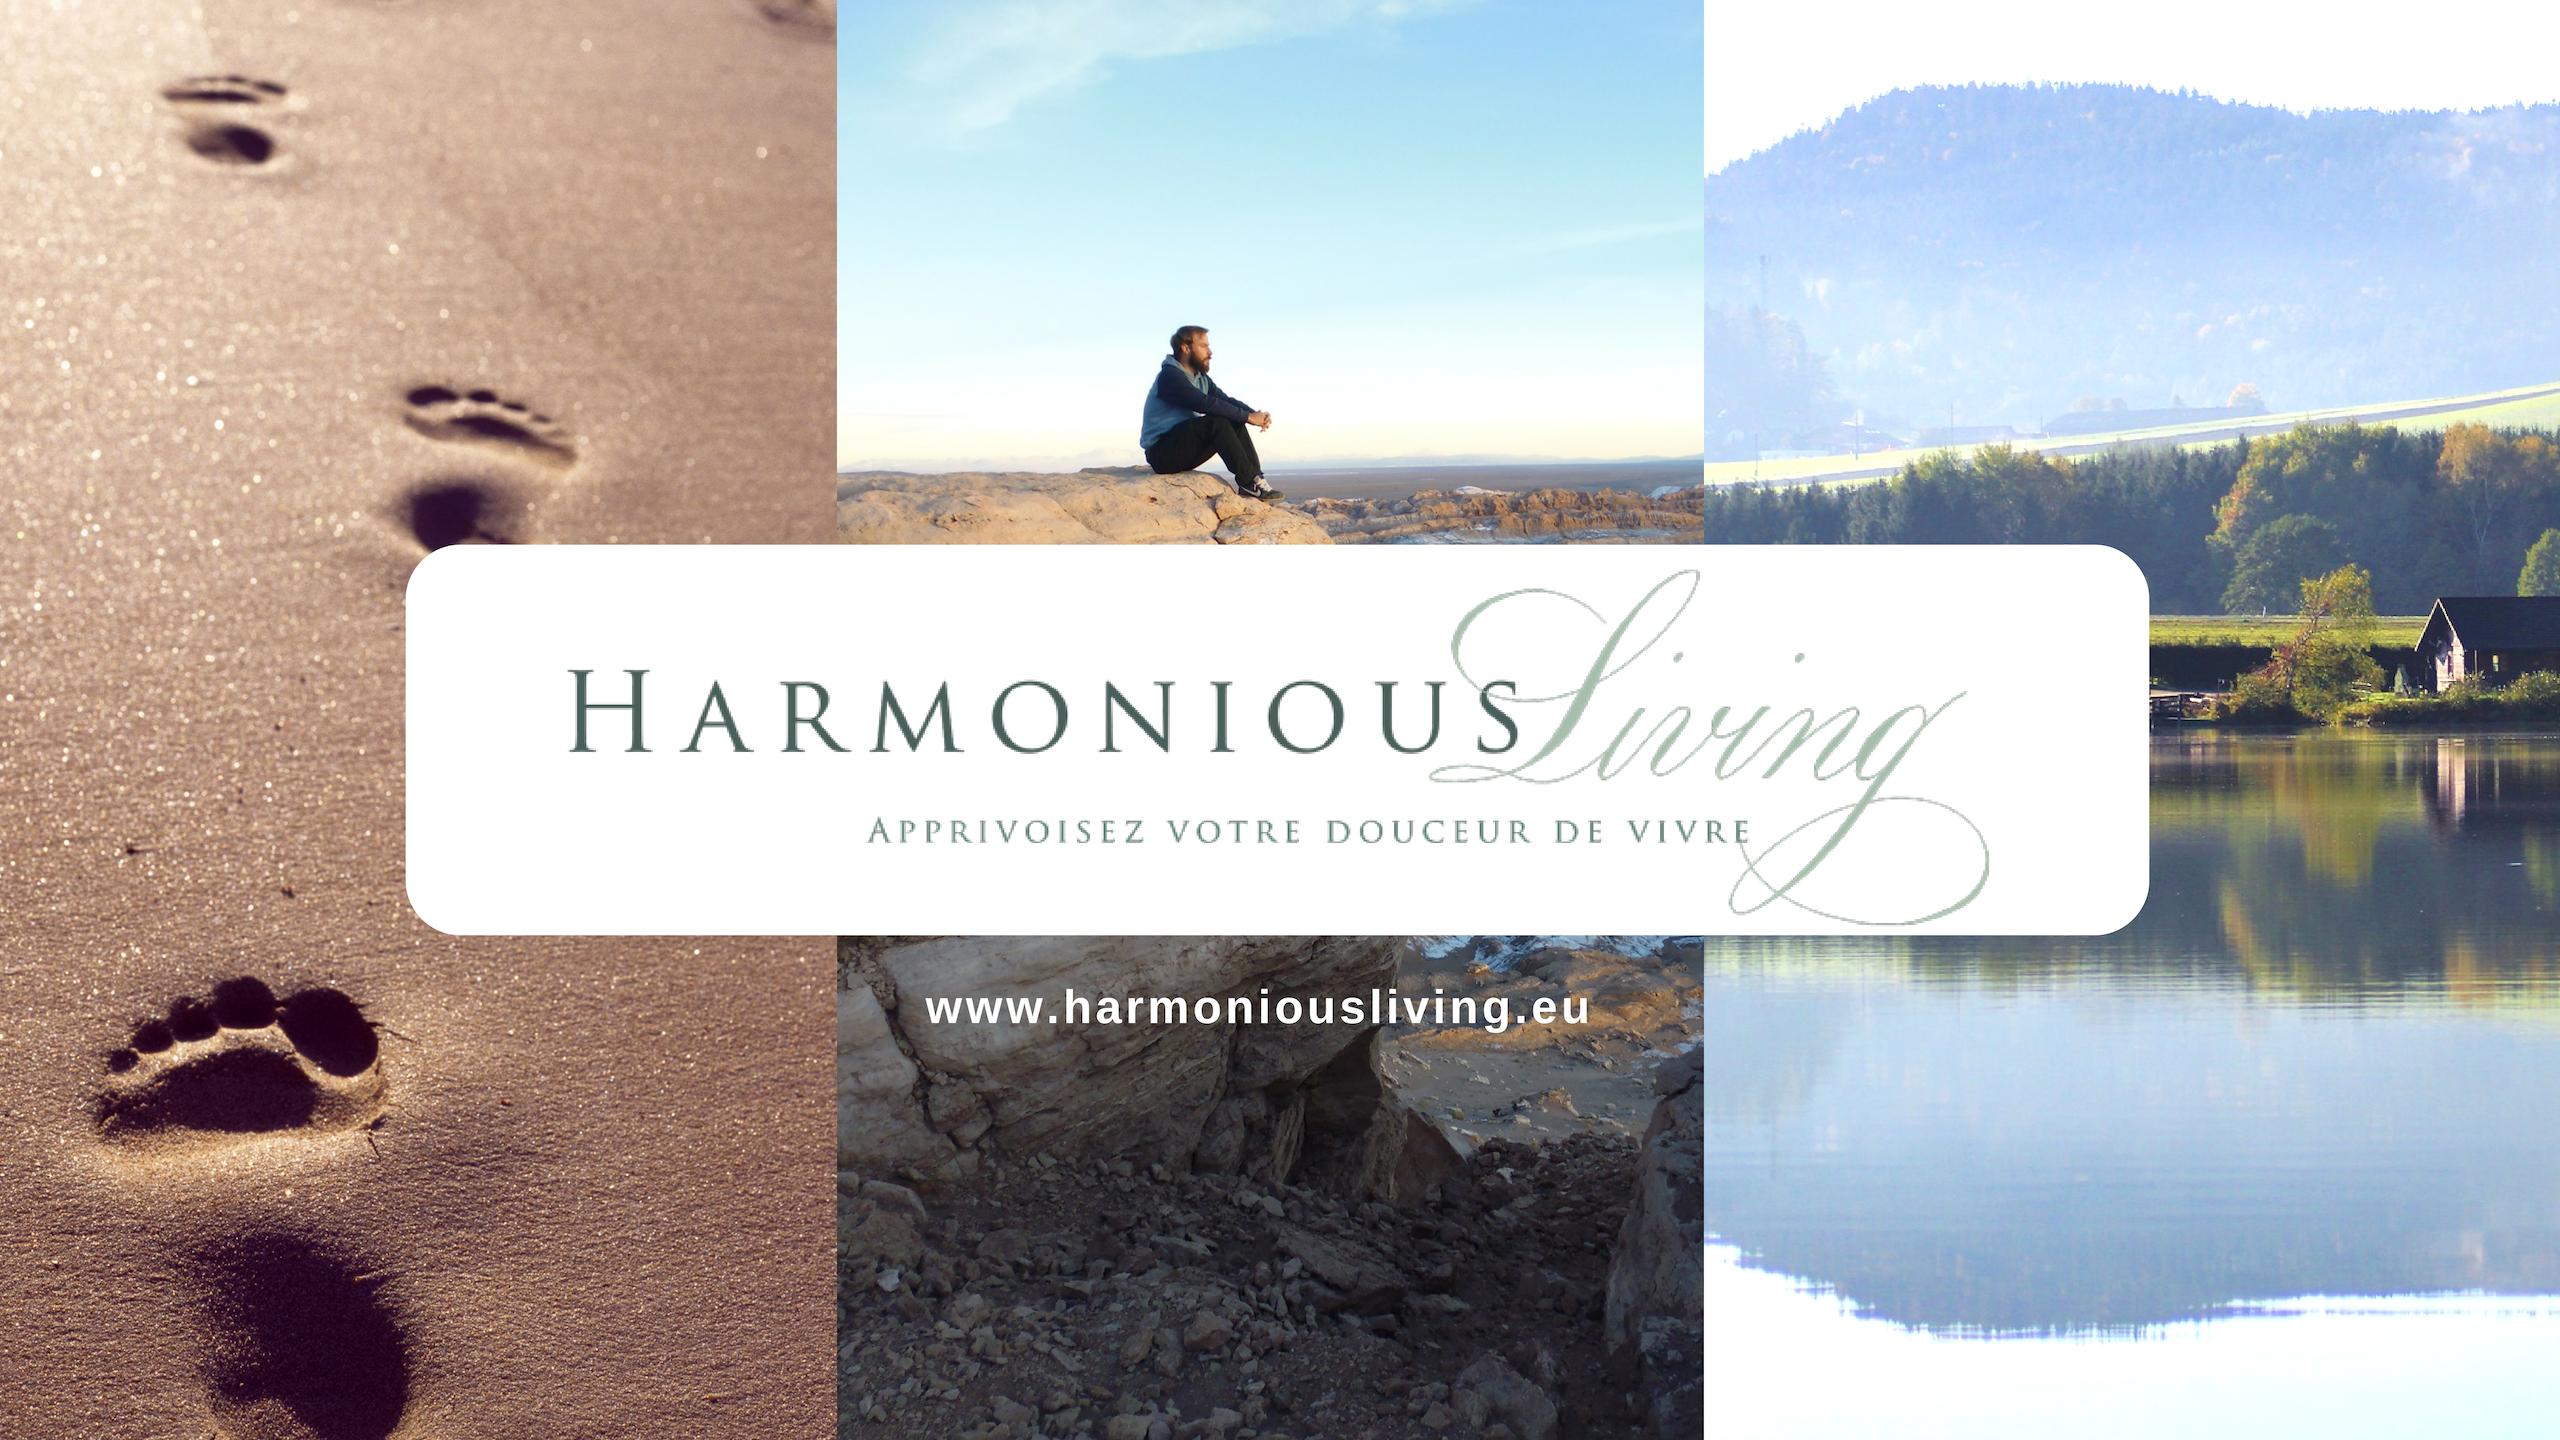 www.harmoniousliving.eu